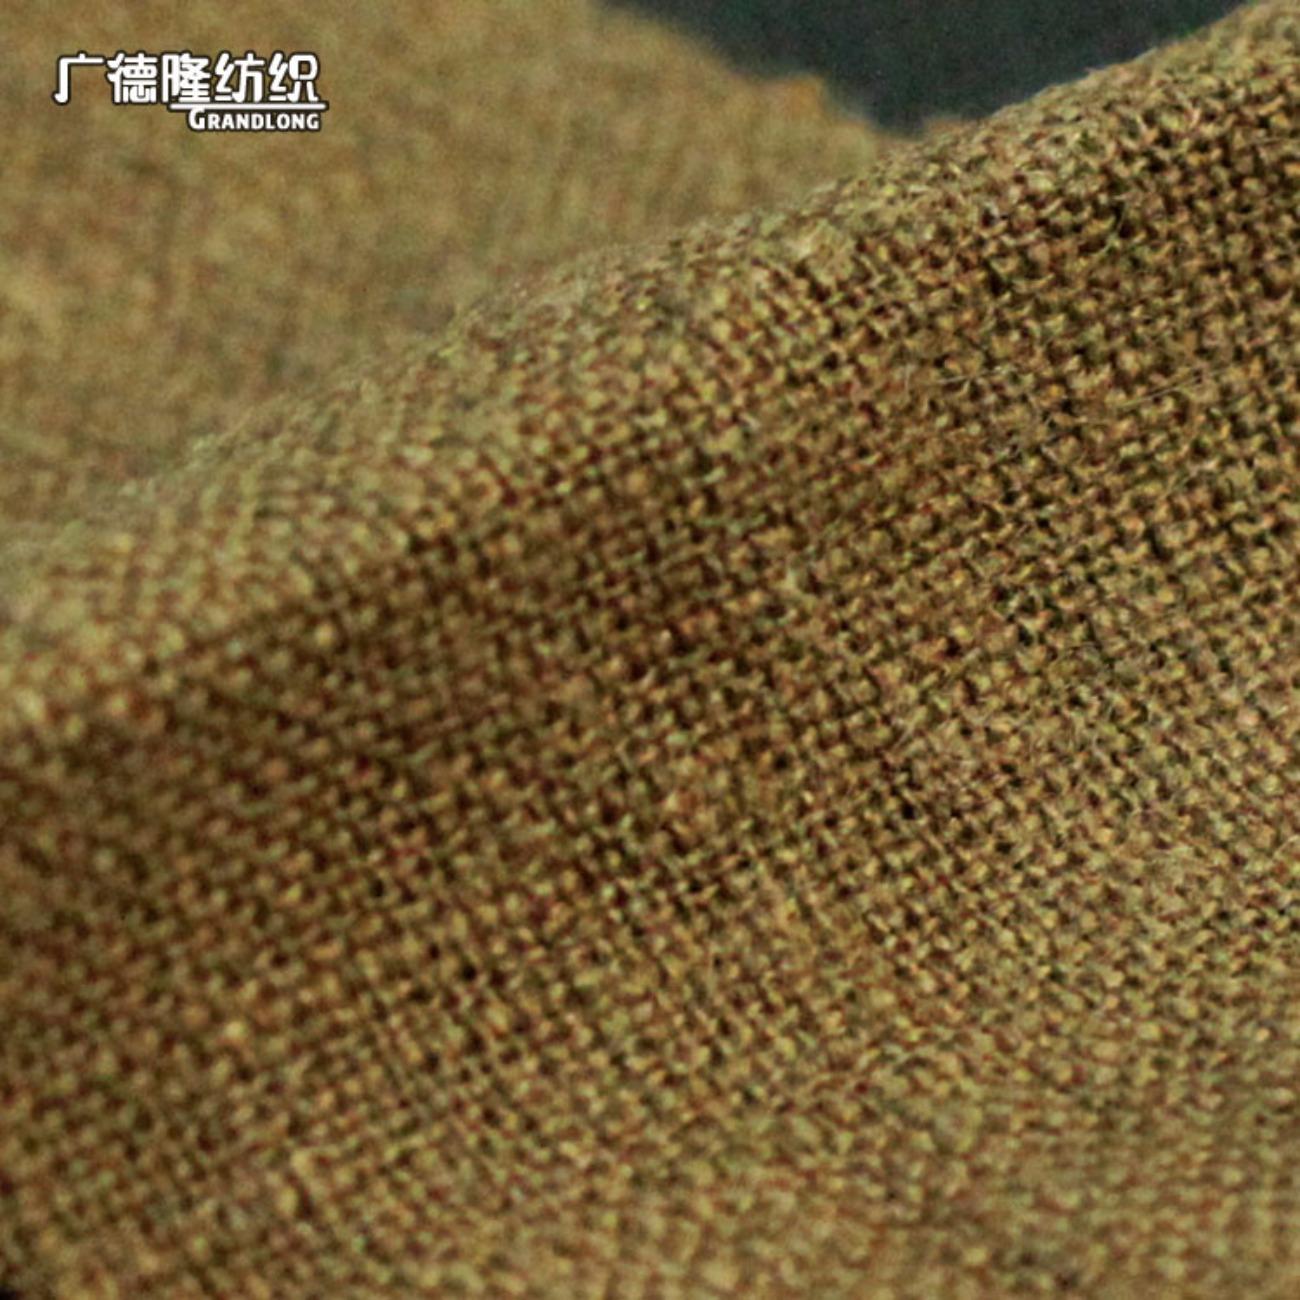 广德隆MAB153 纯色亚麻棉混纺面料 时尚家庭装饰桌布台布套罩坐垫靠枕手袋 裙子裤子上衣衬衫外套箱包鞋子帽子